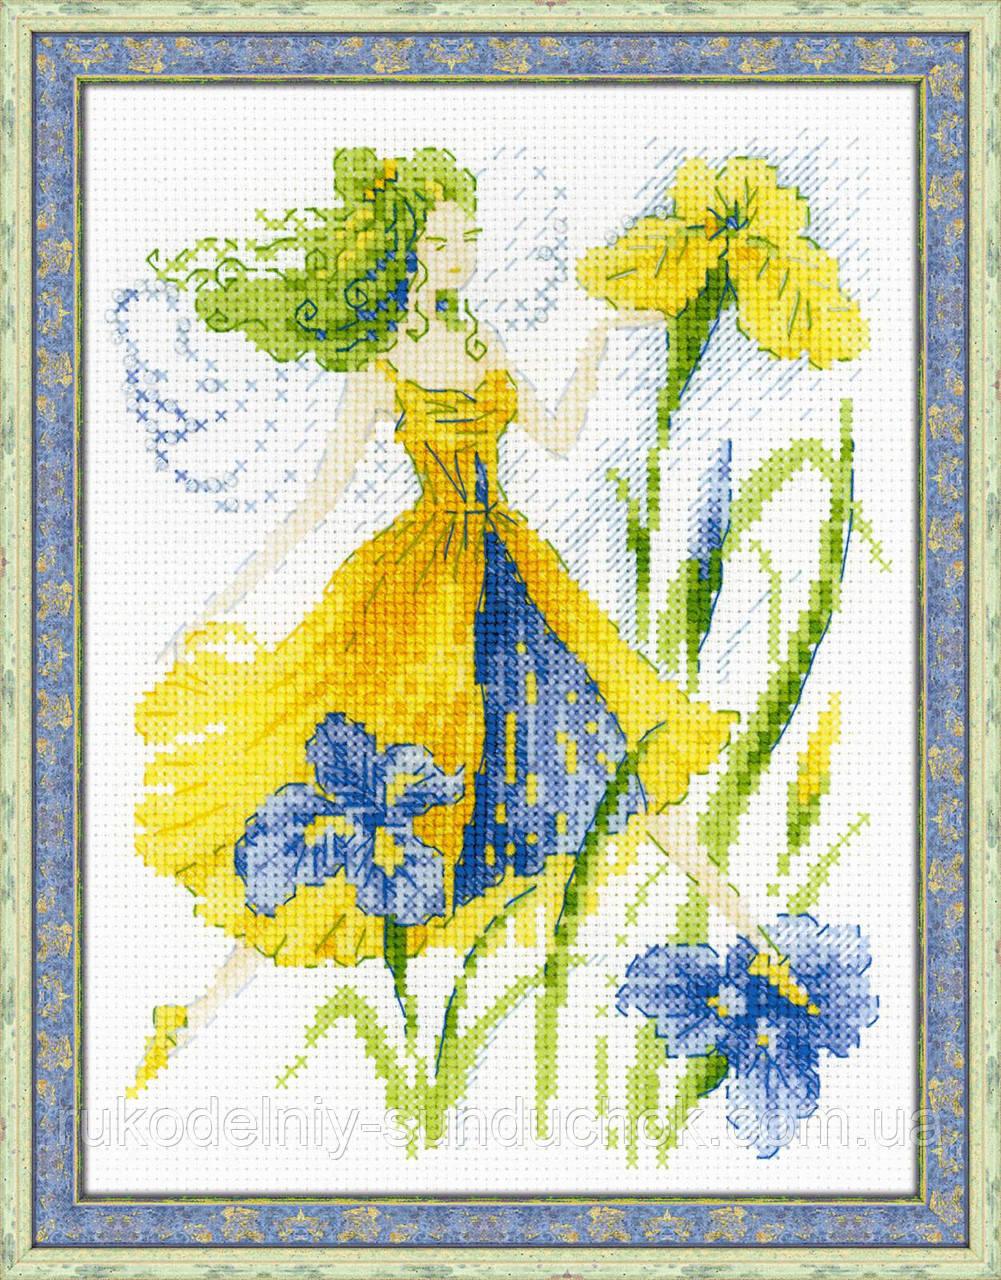 Набор для вышивания крестом «Фея солнечного дня» (1563)